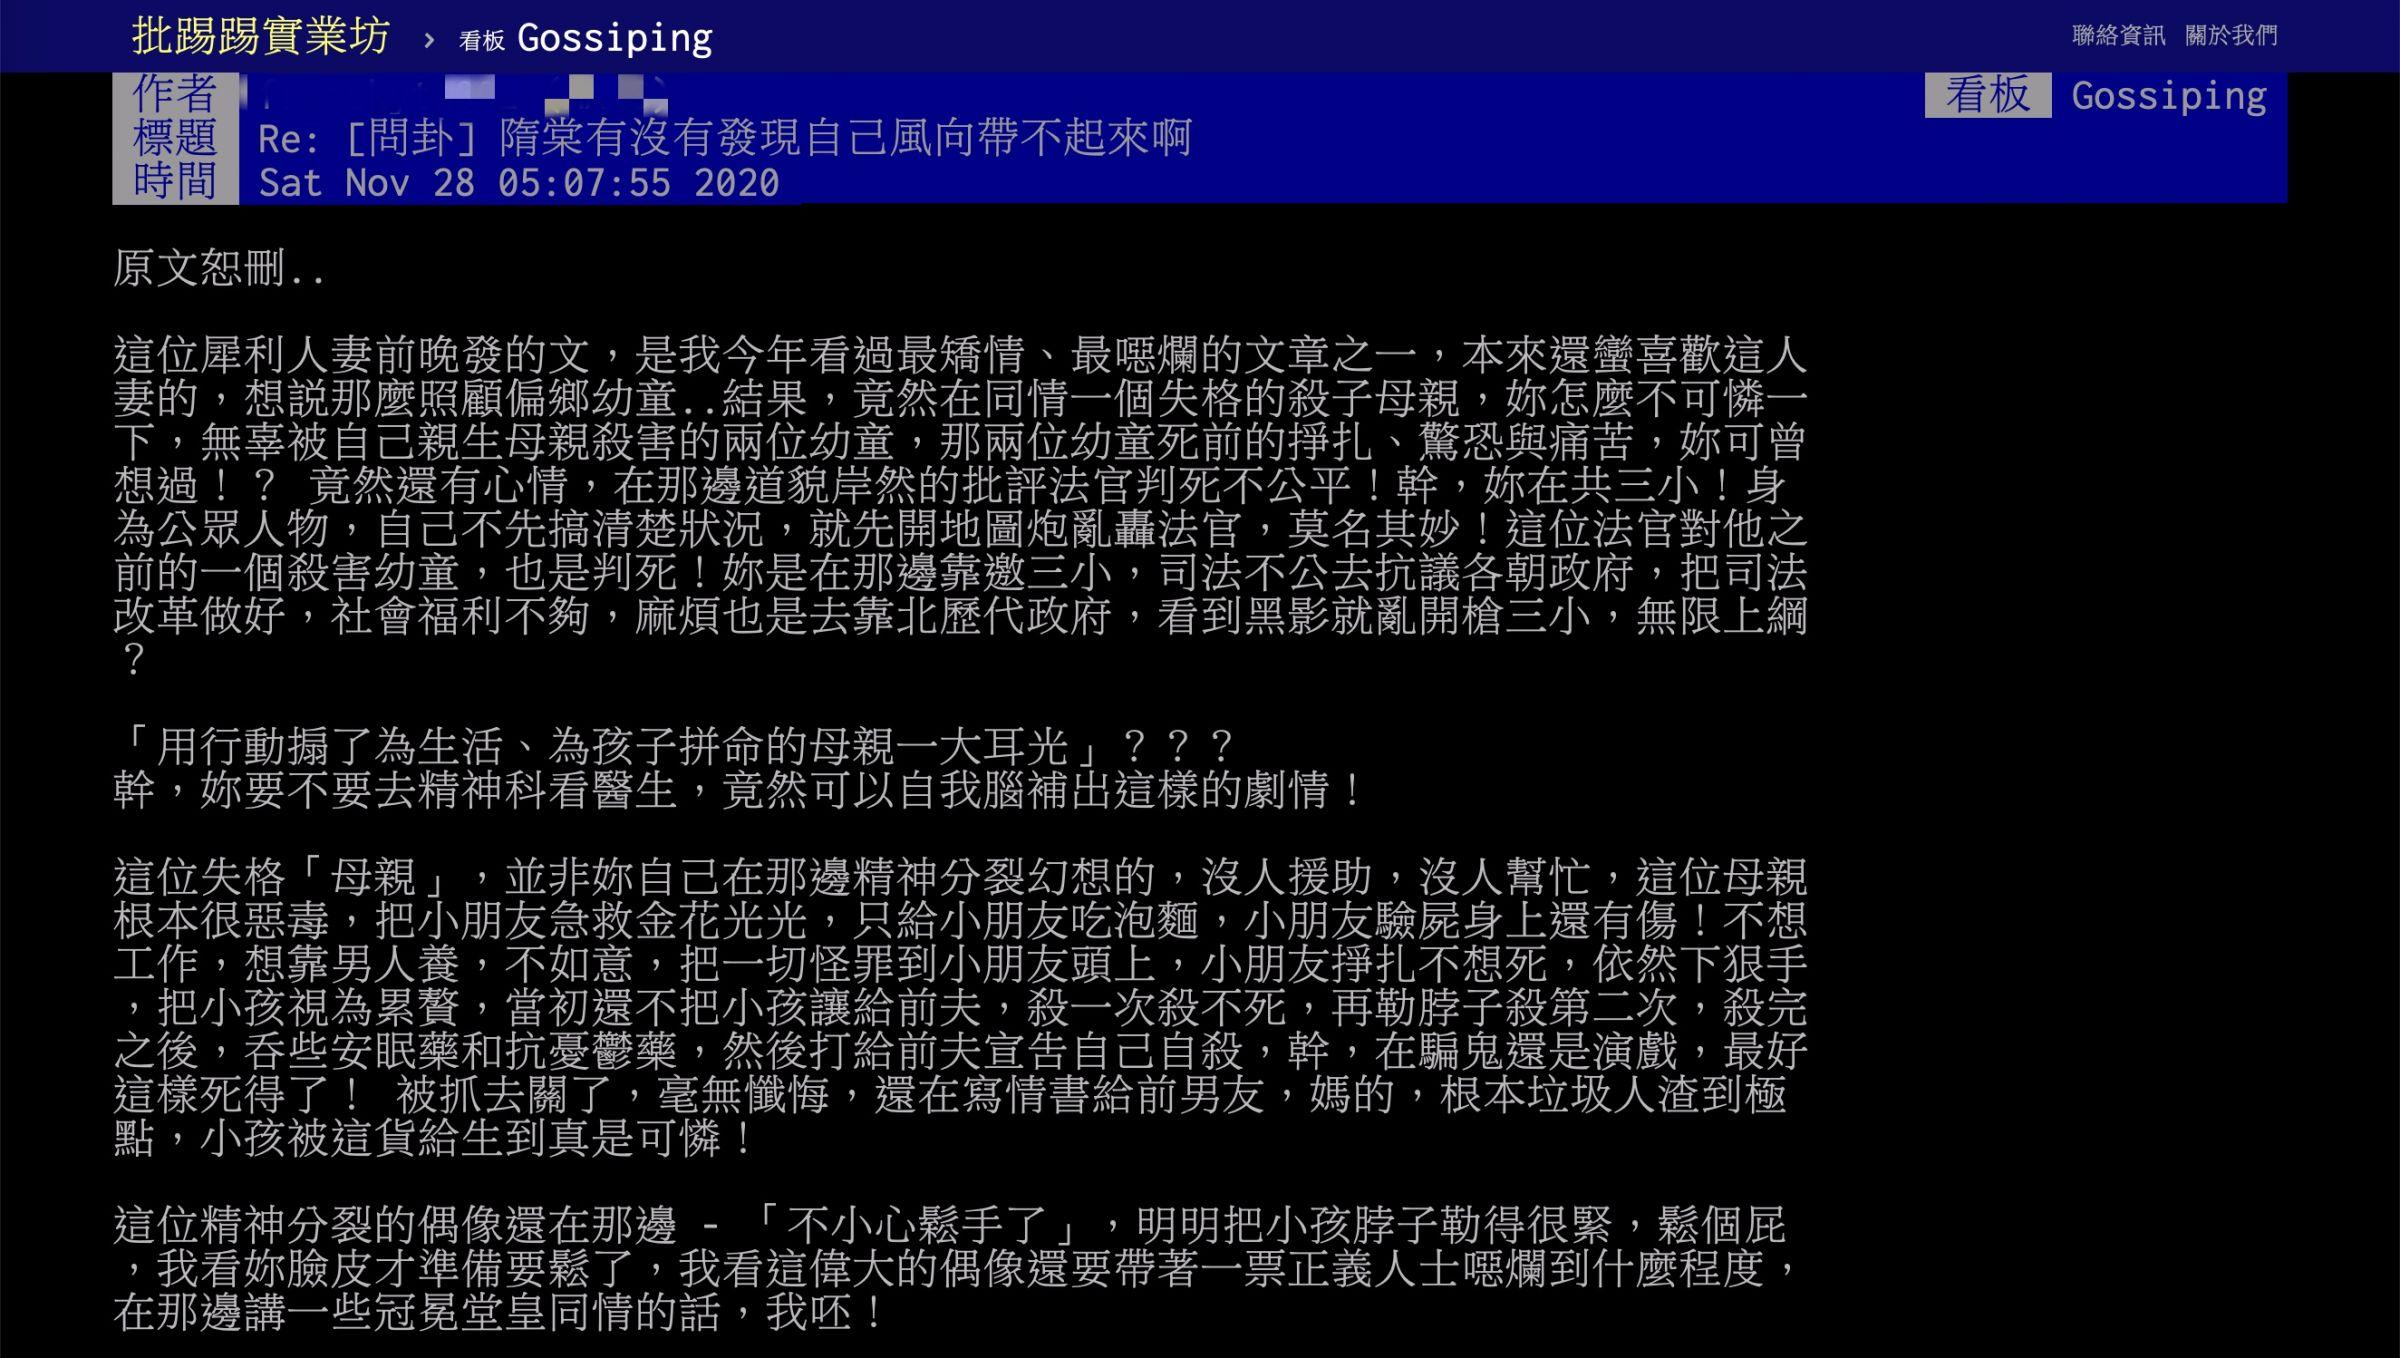 「手不小心鬆开」?隋棠言论遭群起围攻 网骂:最矫情噁烂的文章